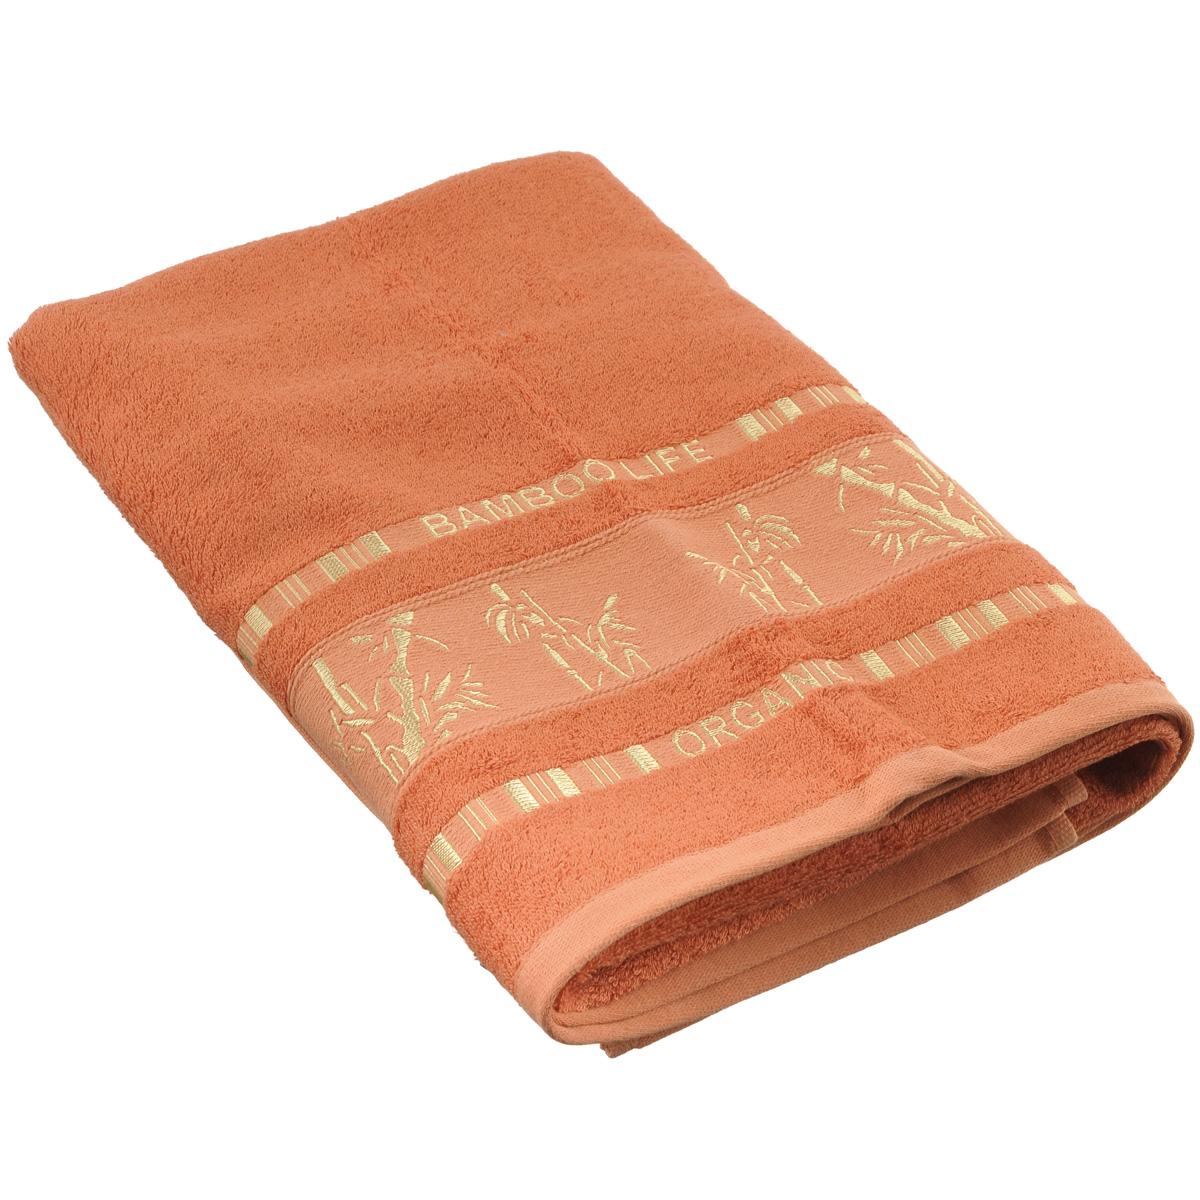 Полотенце Mariposa Bamboo, цвет: бронзовый, 70 х 140 см1205Полотенце Mariposa Bamboo, изготовленное из 60% бамбука и 40% хлопка, подарит массу положительных эмоций и приятных ощущений.Полотенца из бамбука только издали похожи на обычные. На самом деле, при первом же прикосновении вы ощутите невероятную мягкость и шелковистость. Таким полотенцем не нужно вытираться - только коснитесь кожи - и ткань сама все впитает! Несмотря на богатую плотность и высокую петлю полотенца, оно быстро сохнет, остается легким даже при намокании.Полотенце оформлено изображением бамбука. Благородный тон создает уют и подчеркивает лучшие качества махровой ткани. Полотенце Mariposa Bamboo станет достойным выбором для вас и приятным подарком для ваших близких.Размер полотенца: 70 см х 140 см.